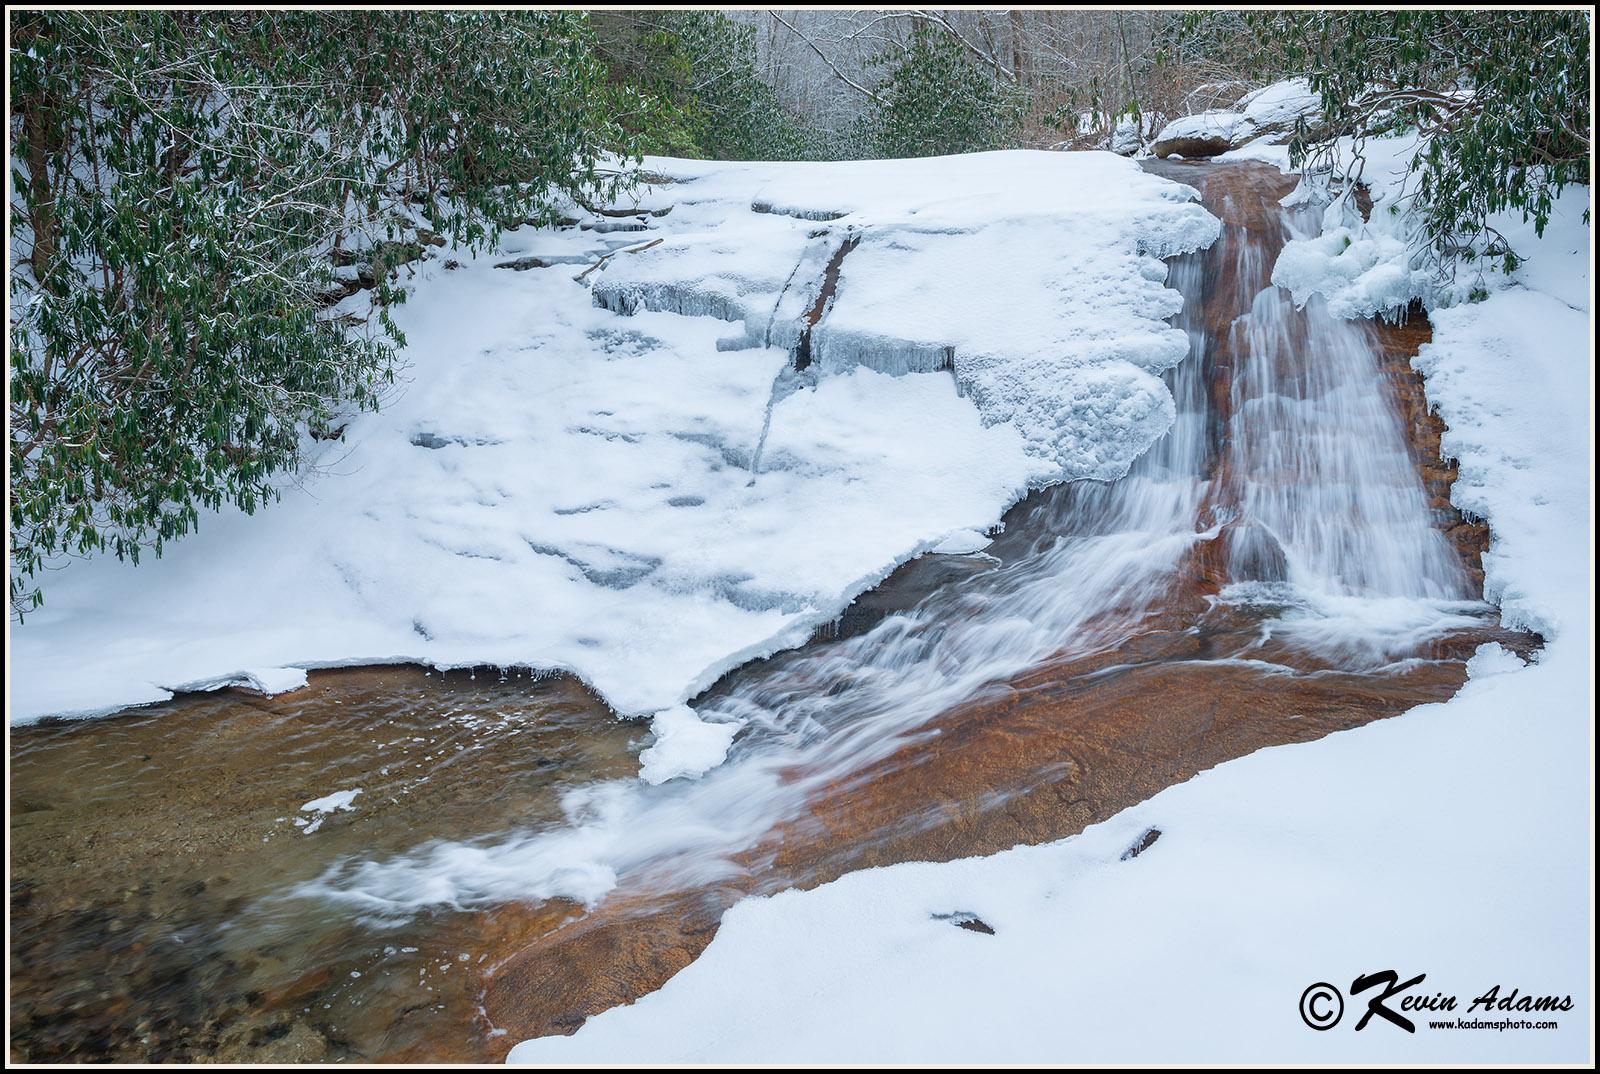 Buckeye Creek Falls